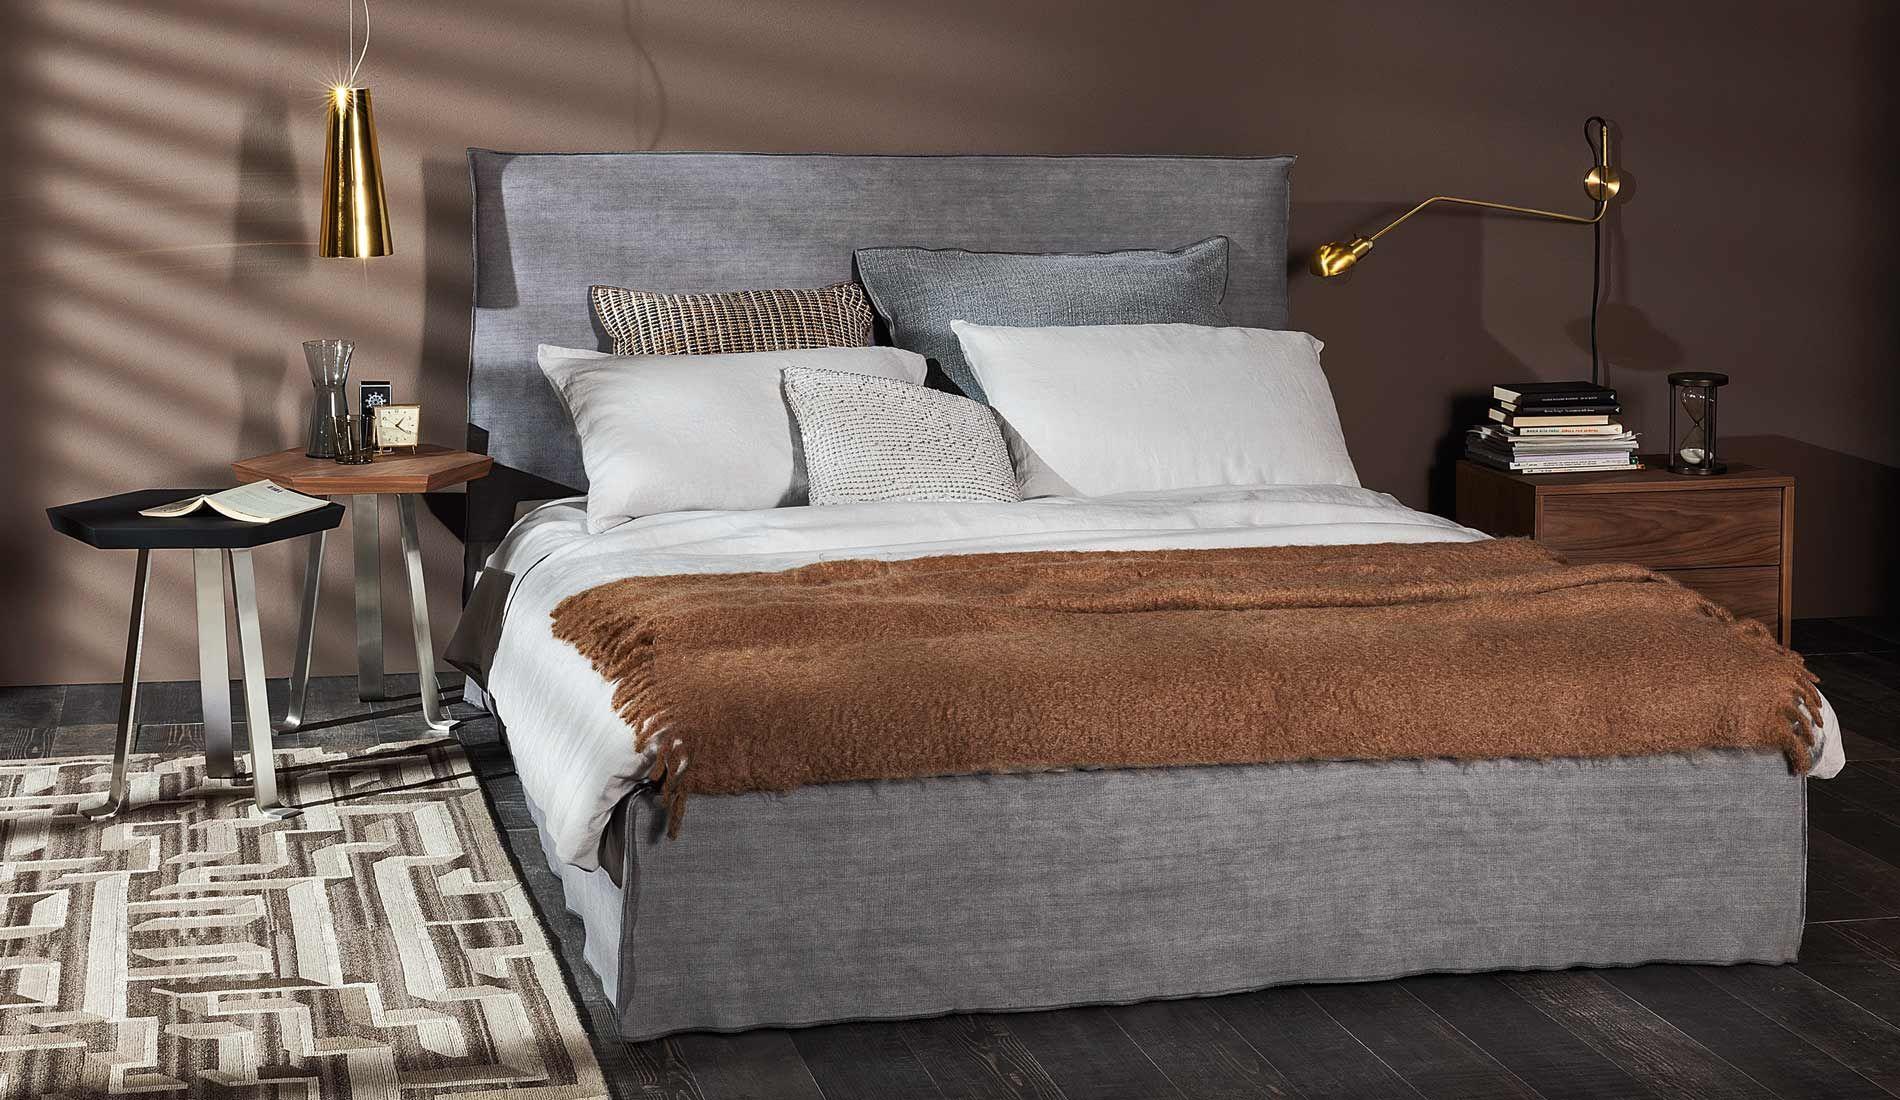 Gervasoni Ghost 80.X Bett (con imágenes) Diseño de cama